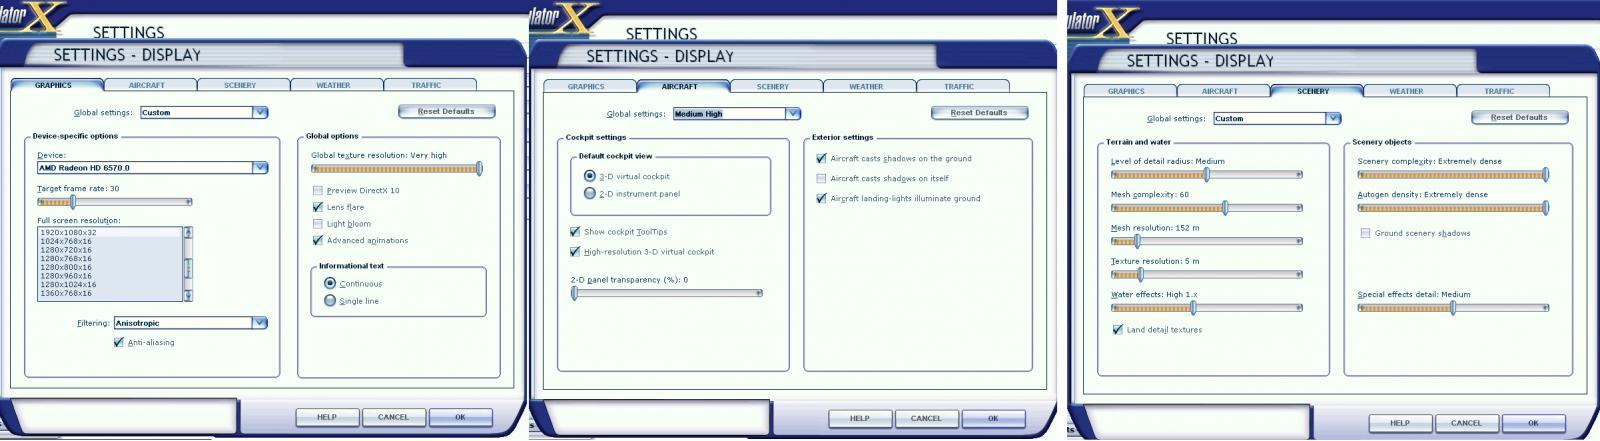 İsim:  setting.jpg Görüntüleme: 503 Büyüklük:  110.0 KB (Kilobyte)